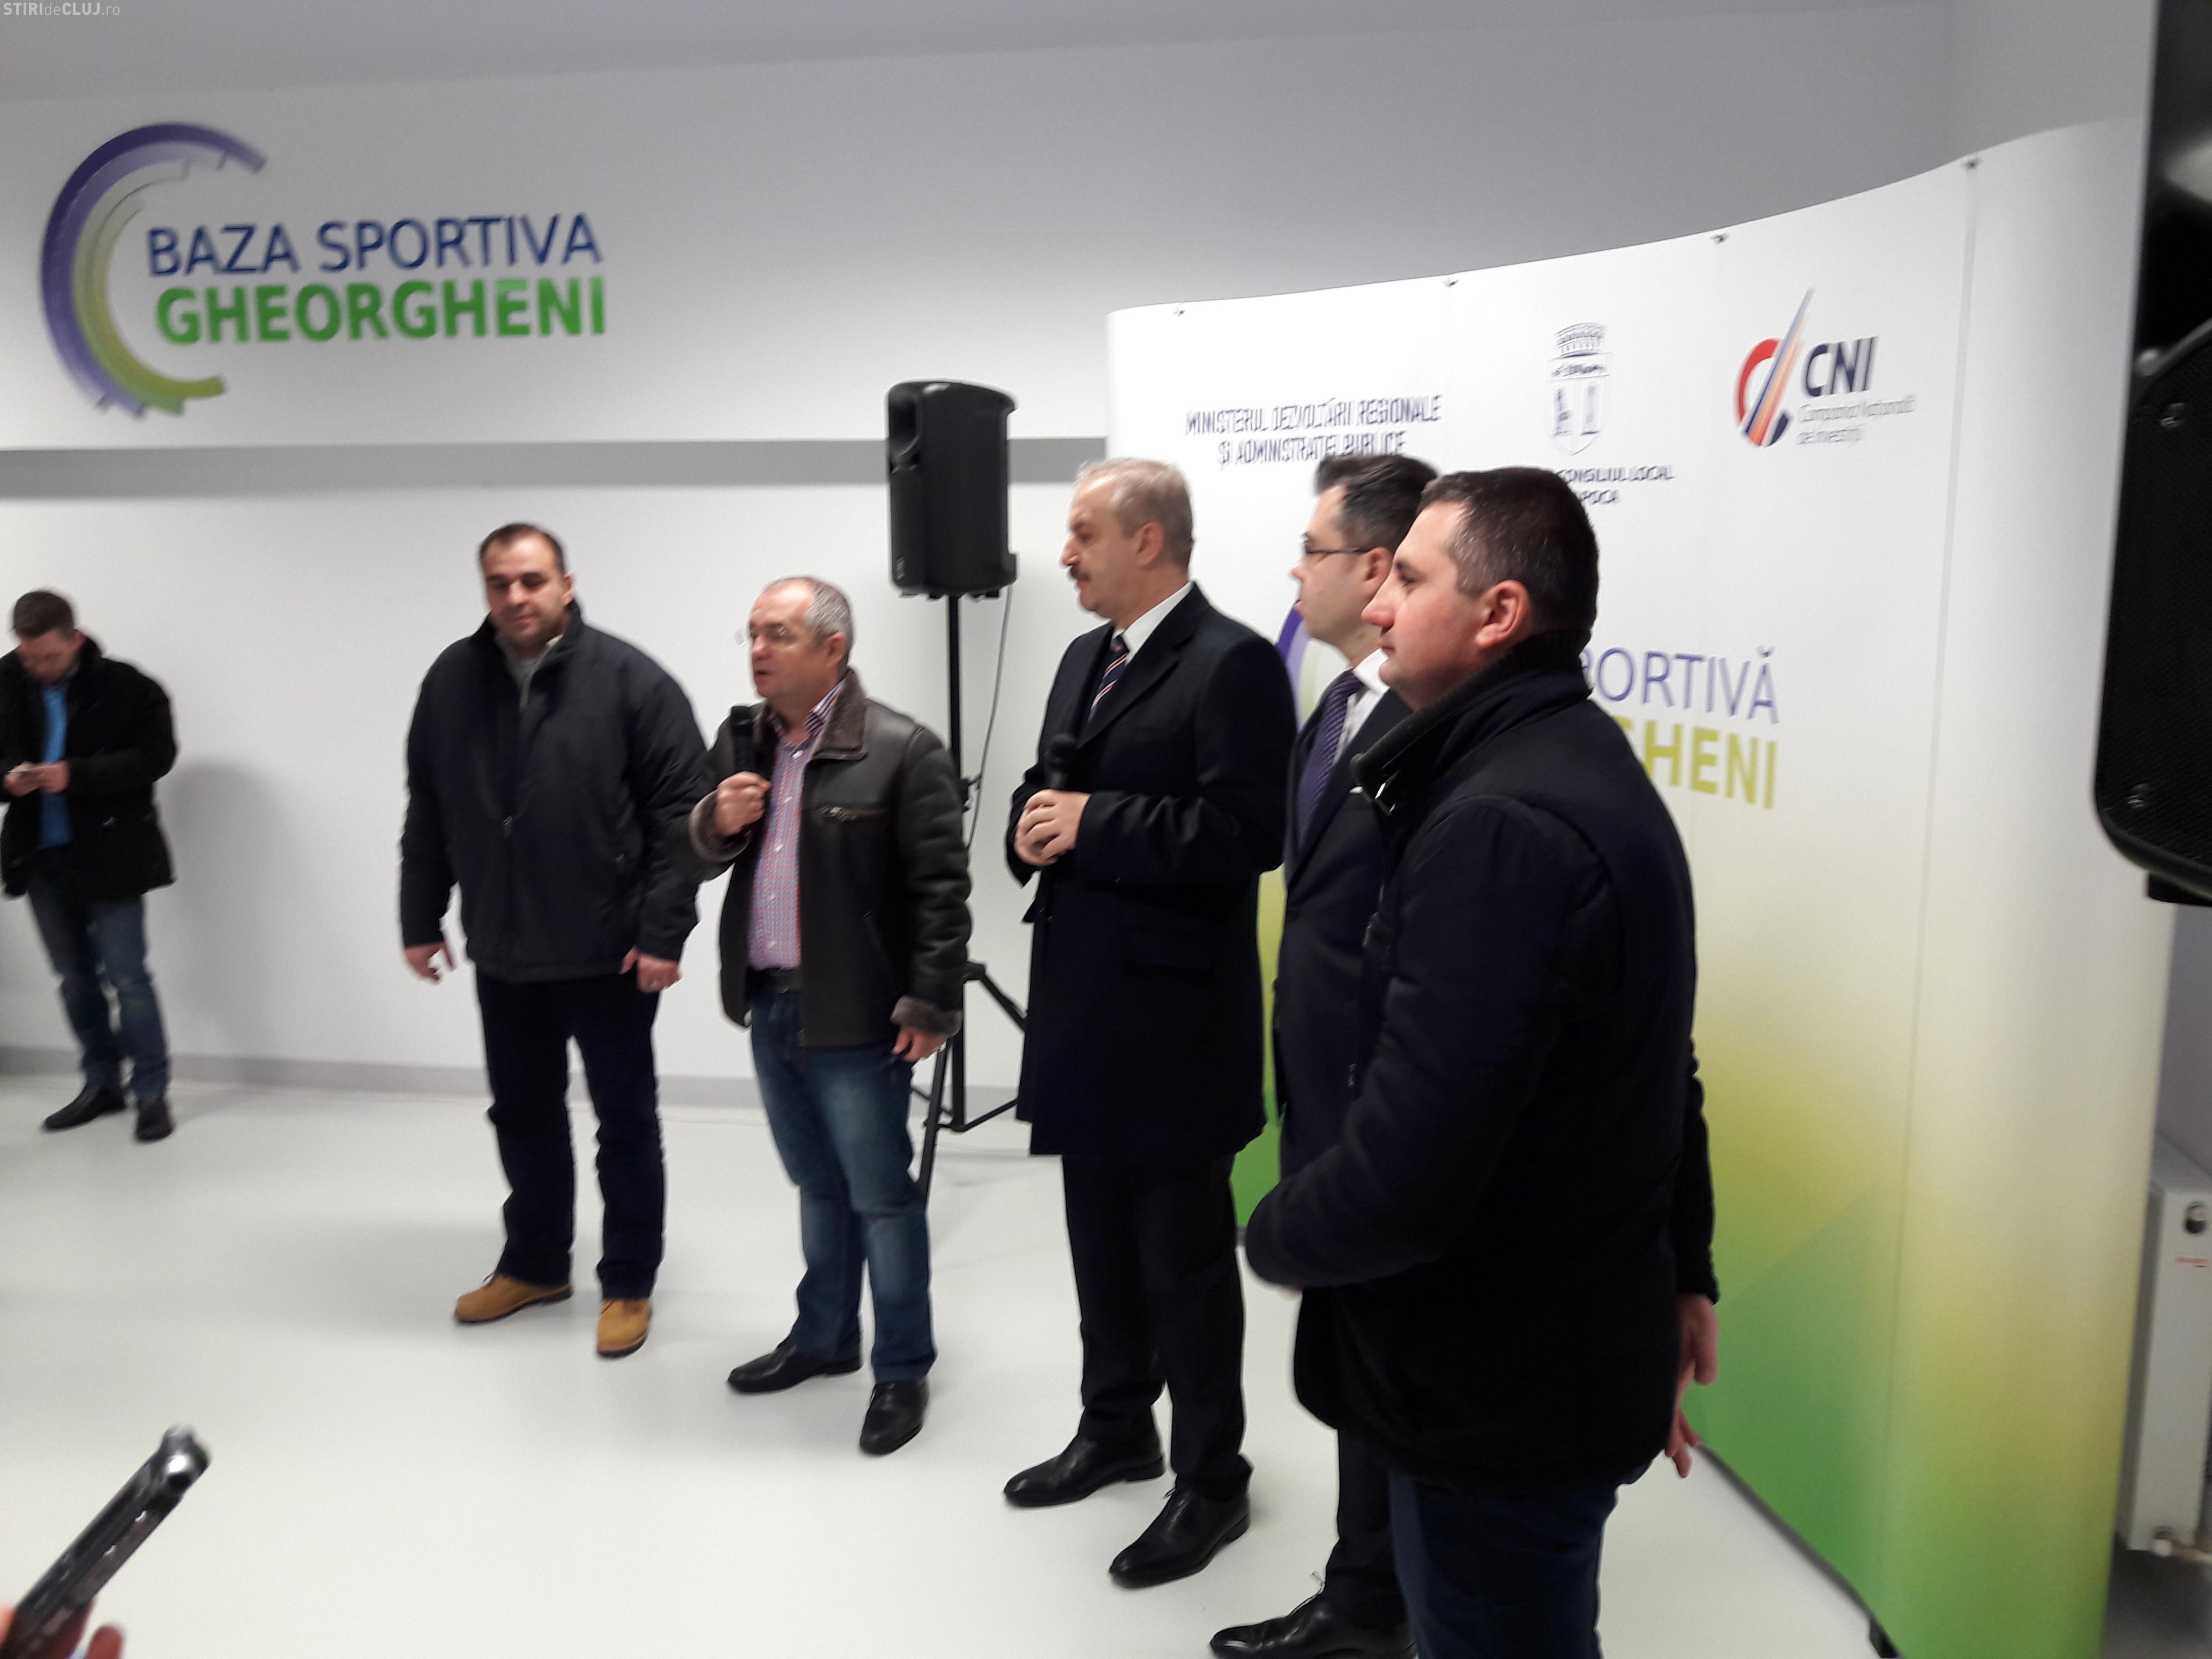 S-a inaugurat cea mai modernă bază sportivă a Clujului. Vezi cum se face accesul FOTO/VIDEO